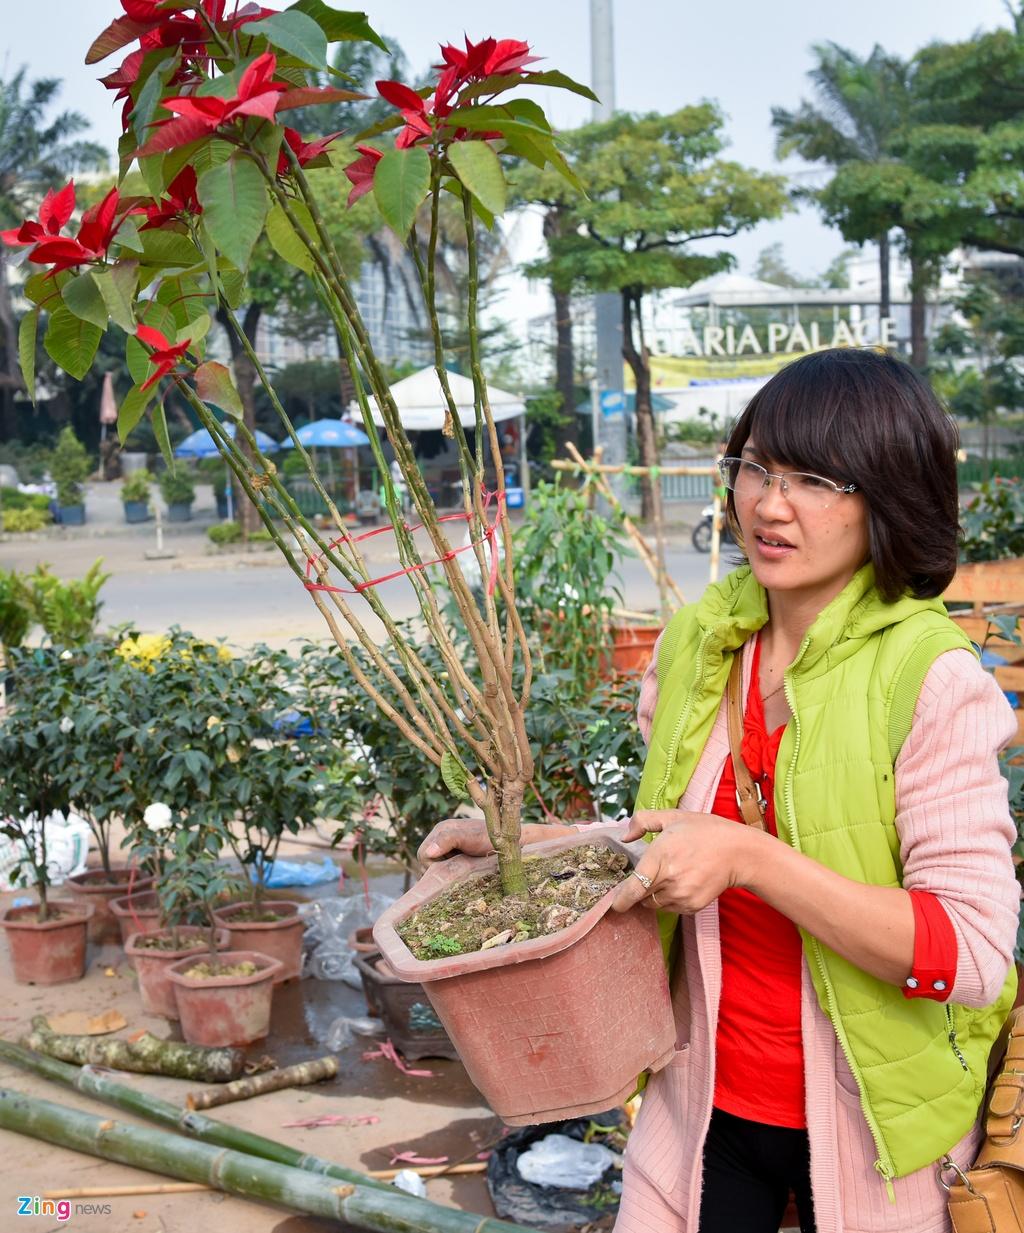 Tieu thuong Ha Noi cung dap nat hoa dao de tranh bi ep gia hinh anh 5